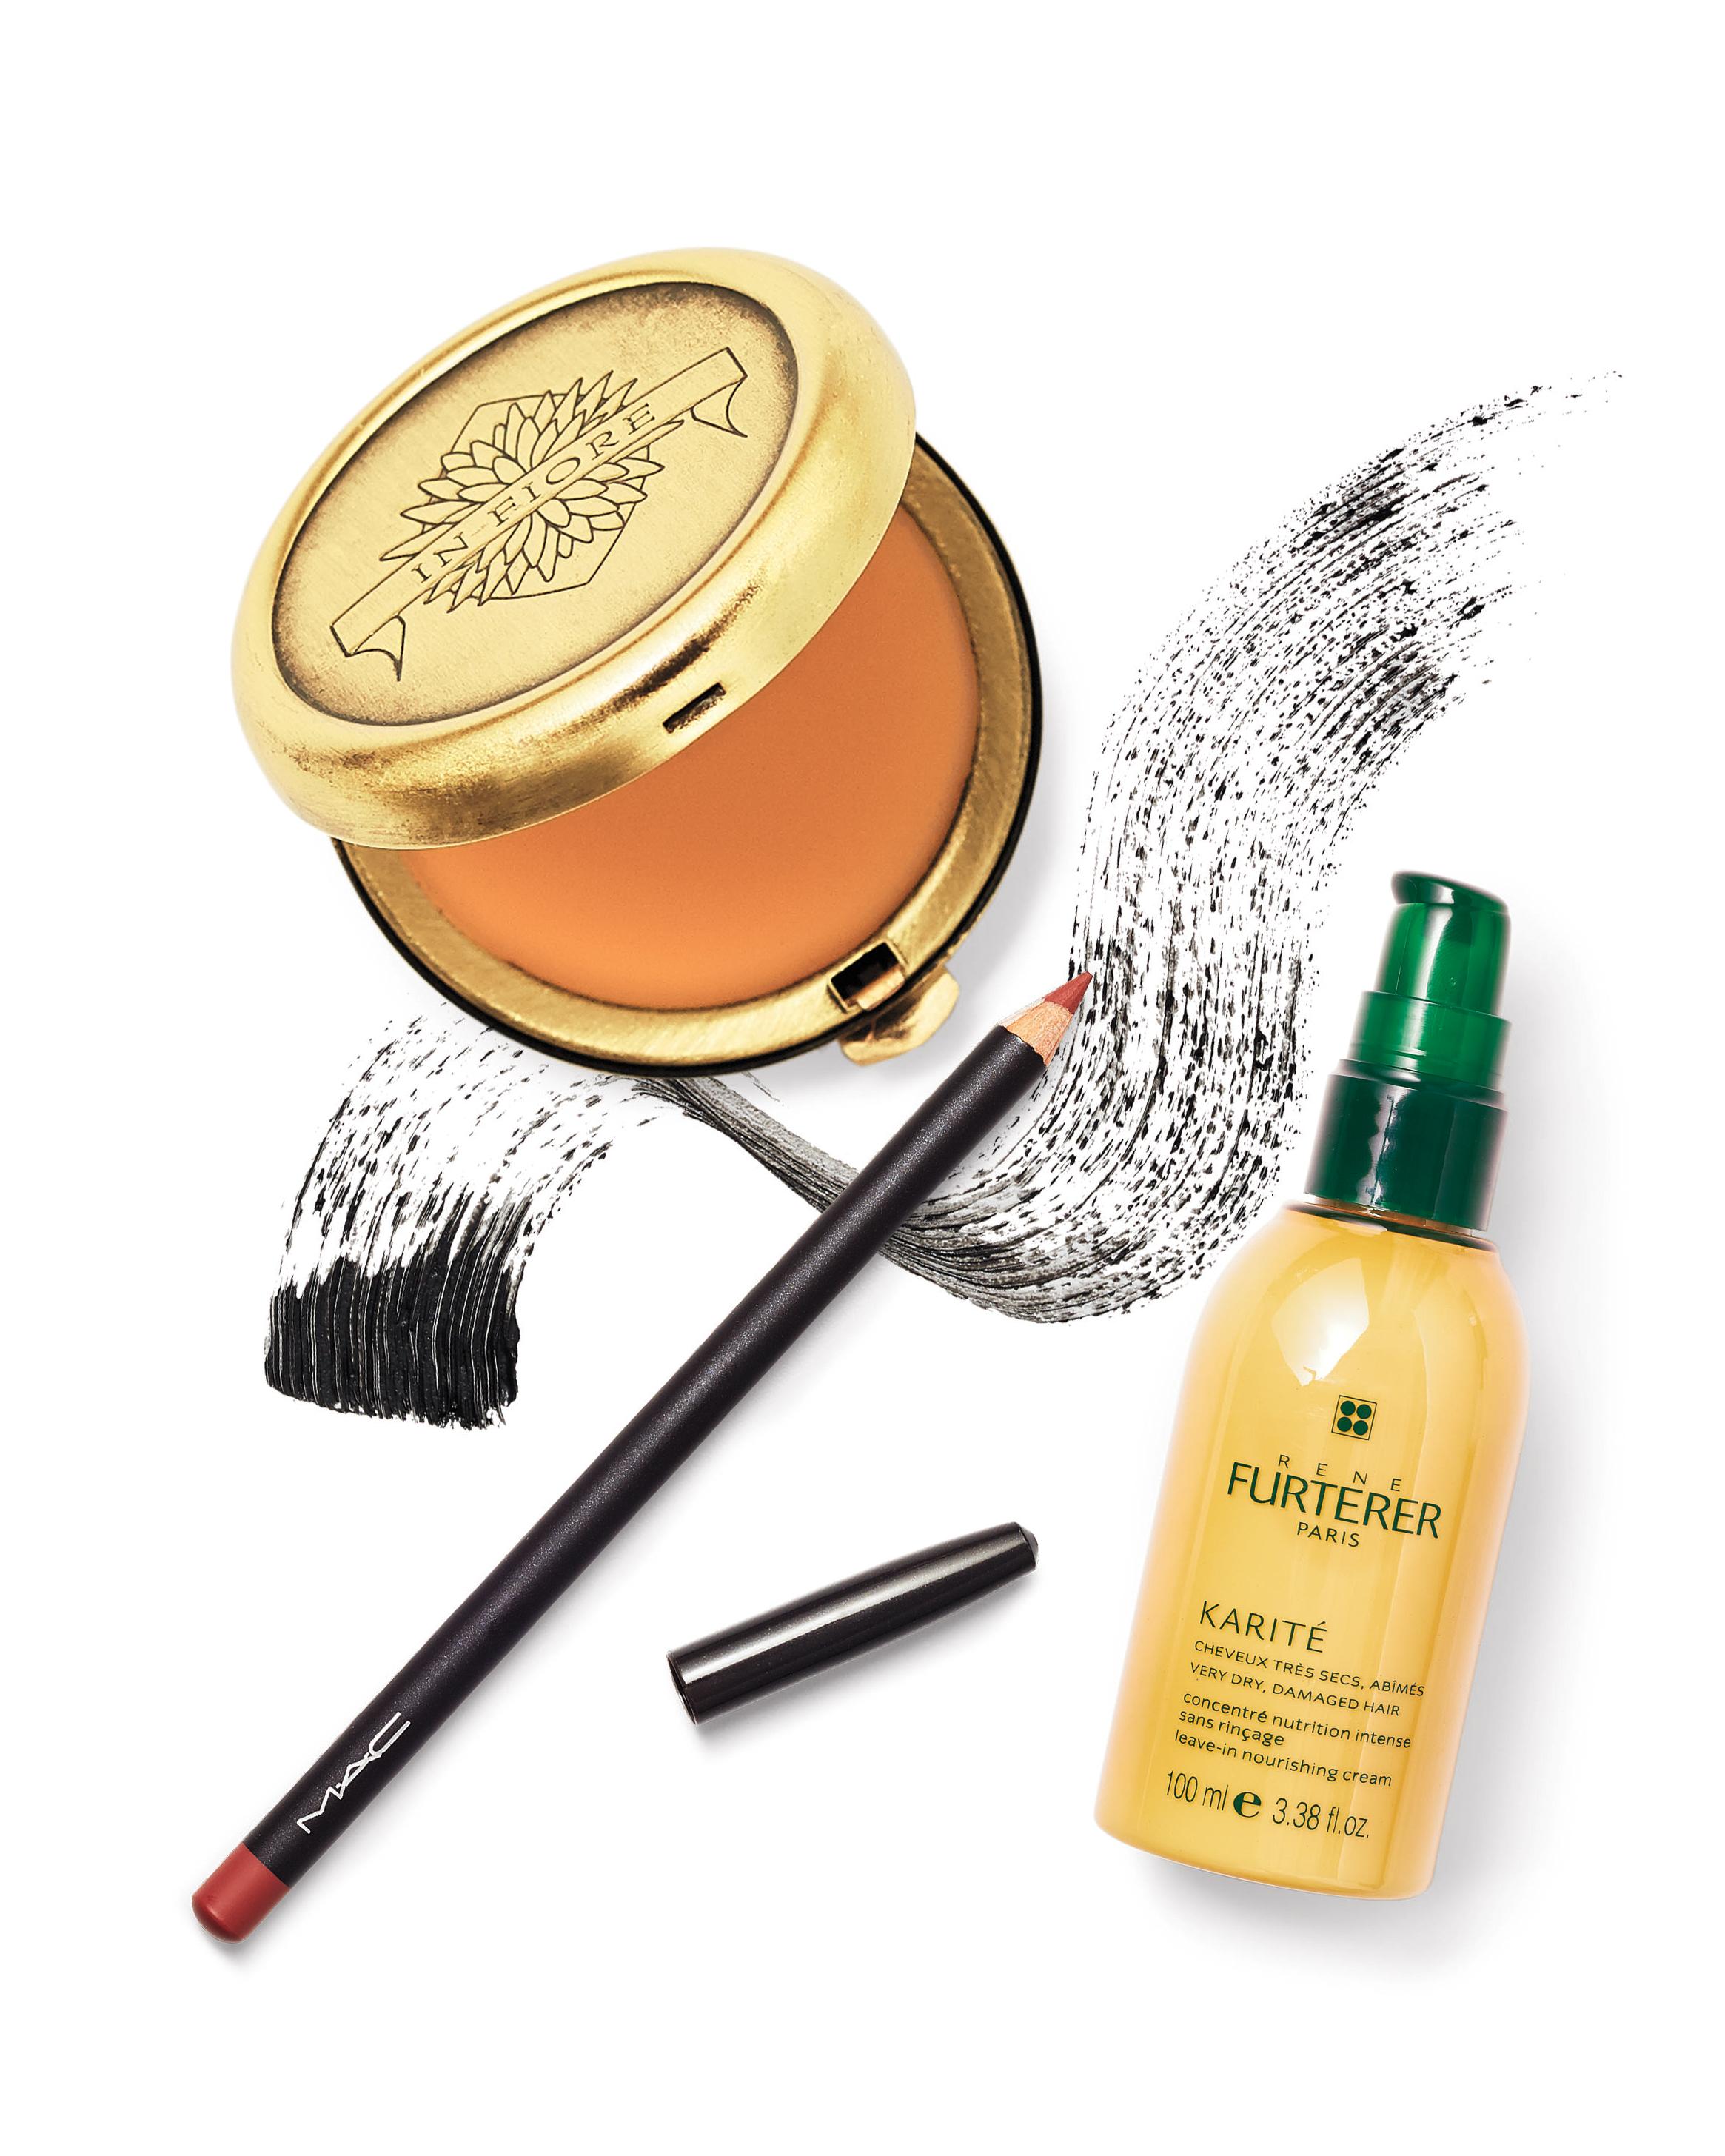 aisle-icon-beauty-products-mia-farrow-0115.jpg